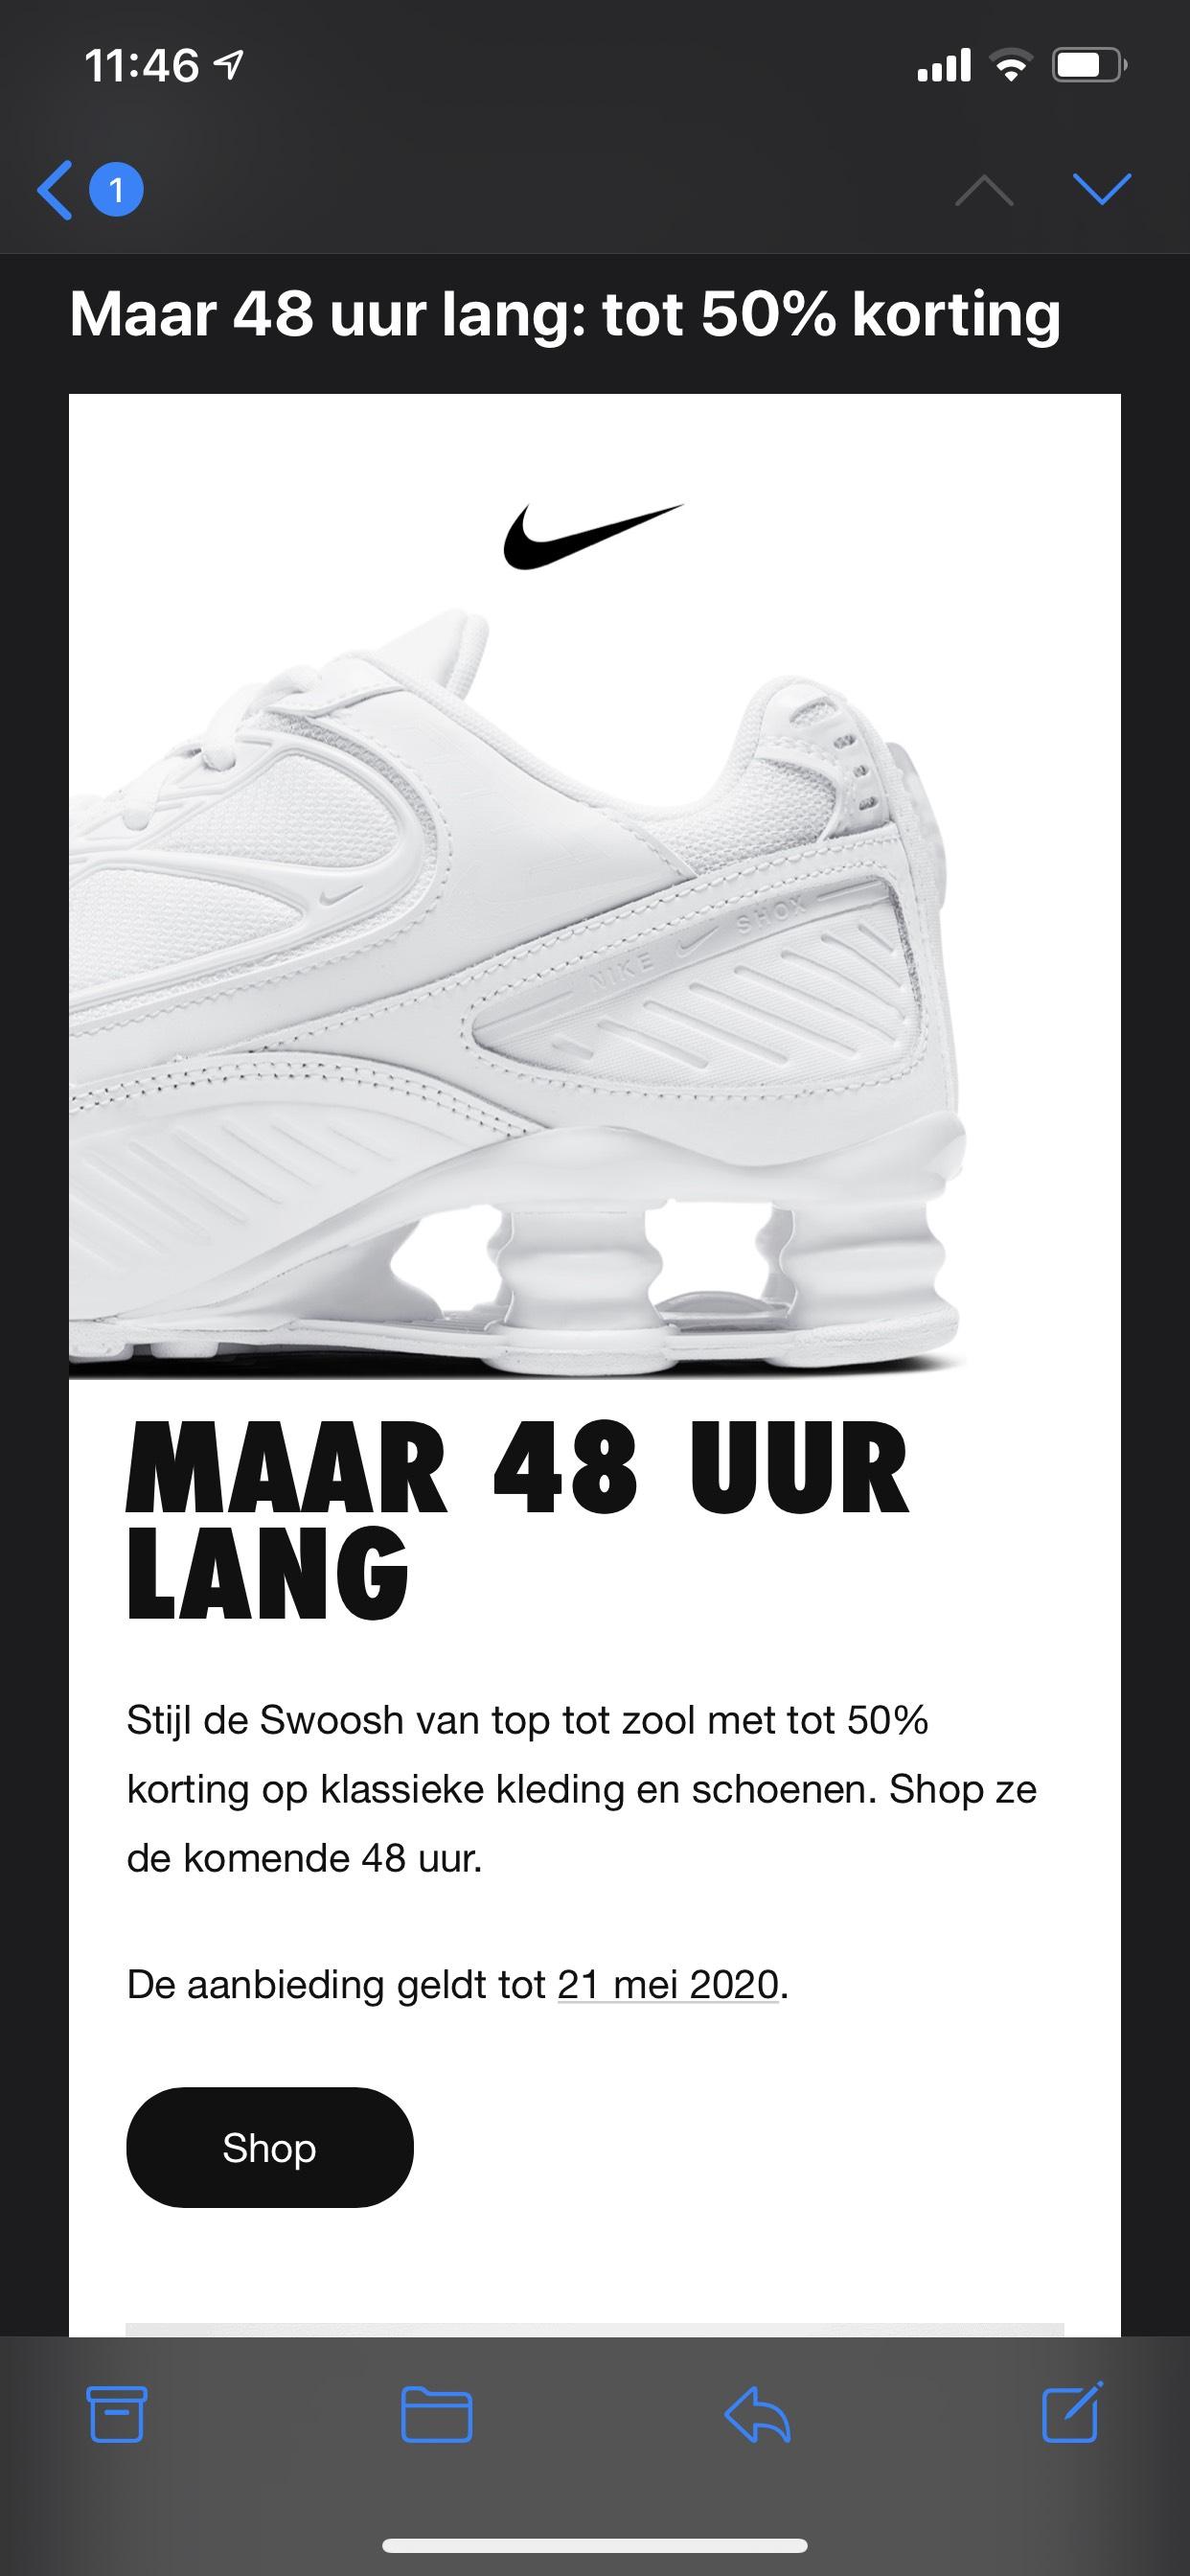 Nike swoosh 50% korting op bijna alles